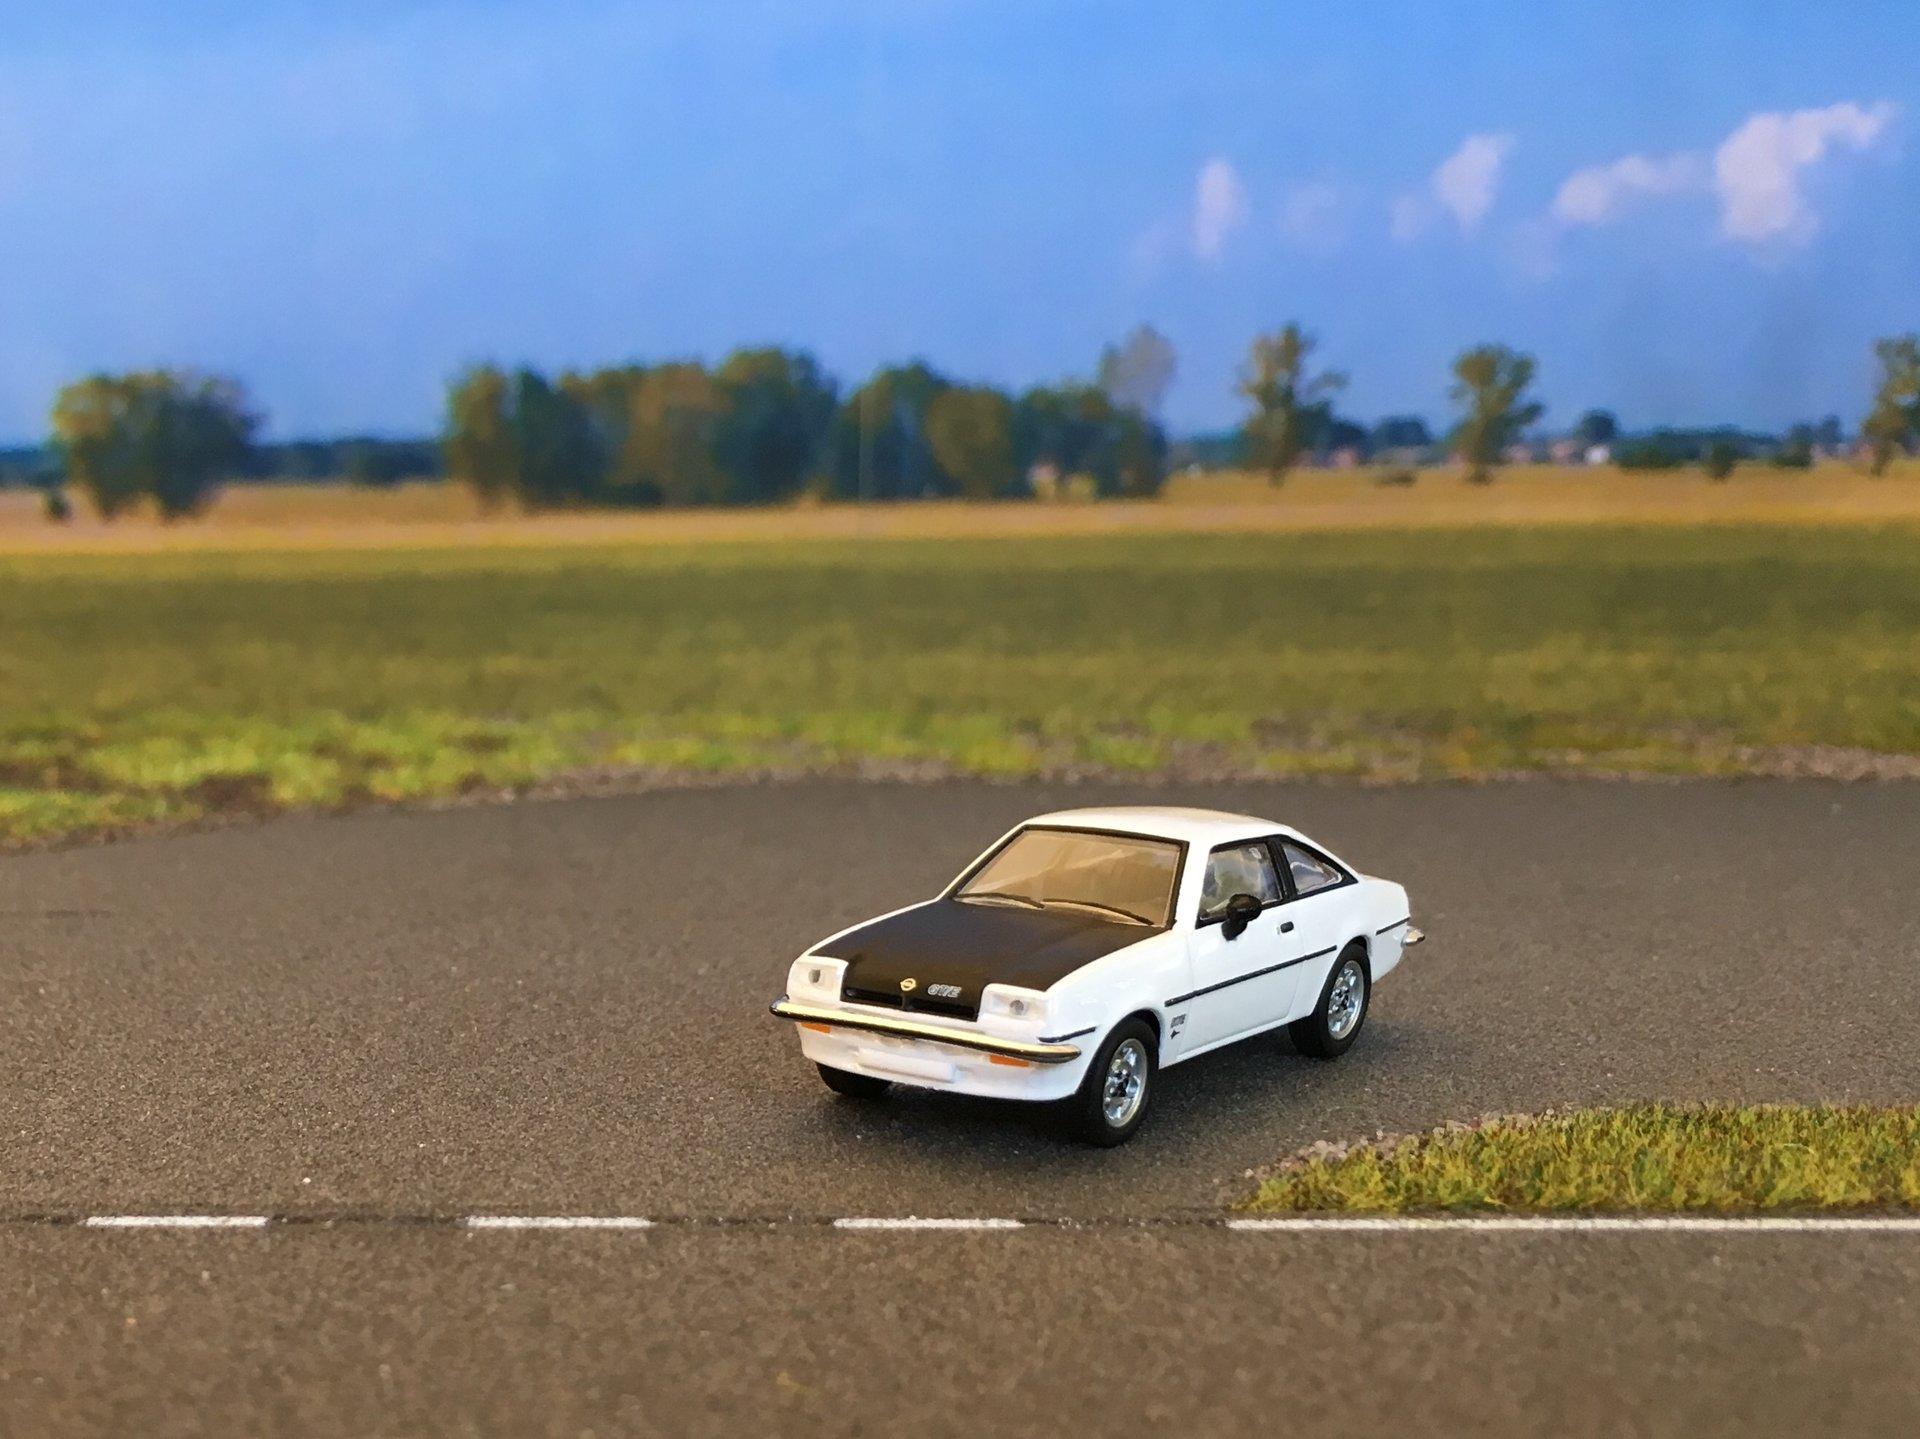 Opel Manta GTE 02.jpg